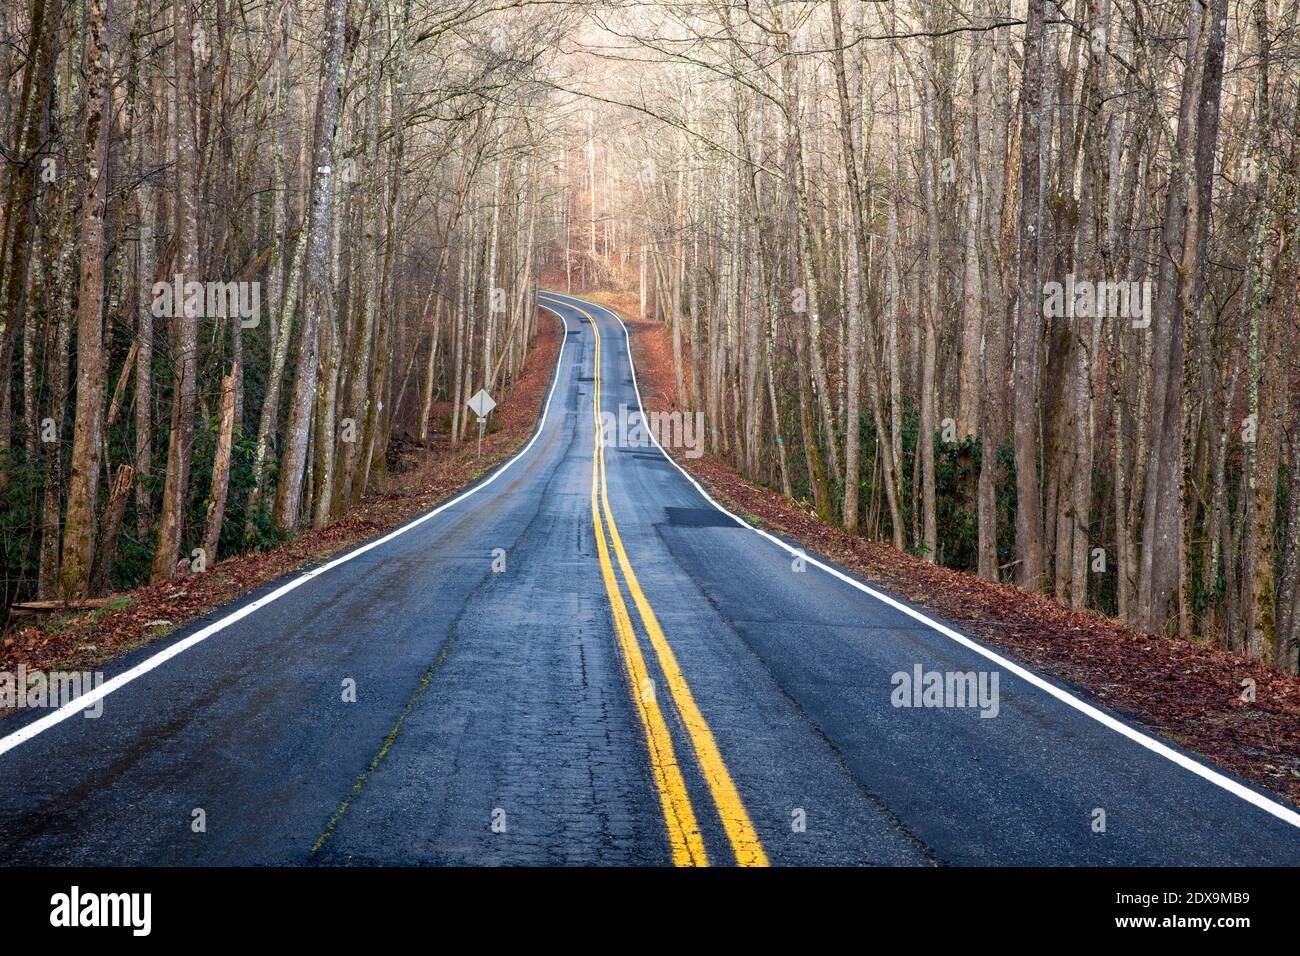 Carretera a través del bosque - cerca de Poinsett Bridge Heritage Preserve - Travelers Rest, Carolina del Sur, EE.UU Foto de stock